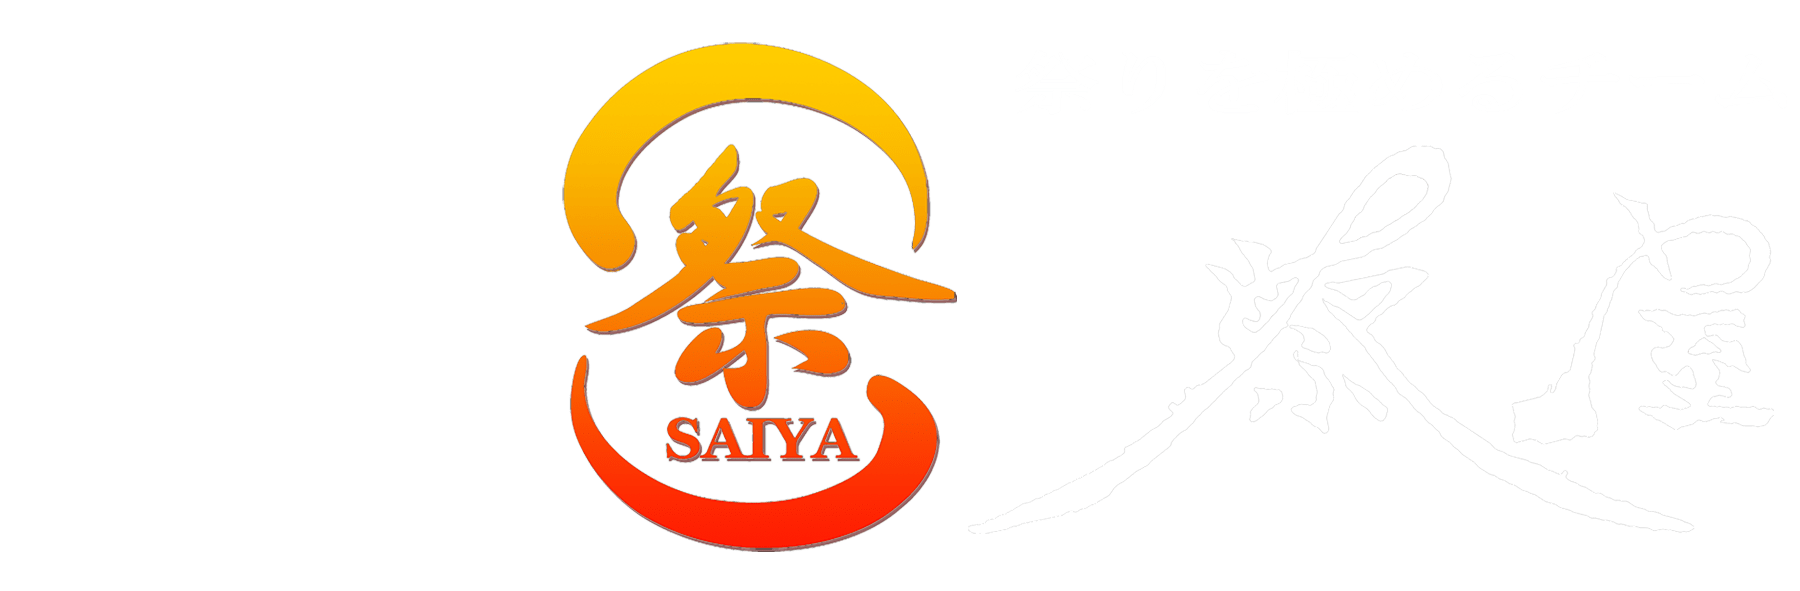 祭屋-Saiya-よさこい踊り子隊